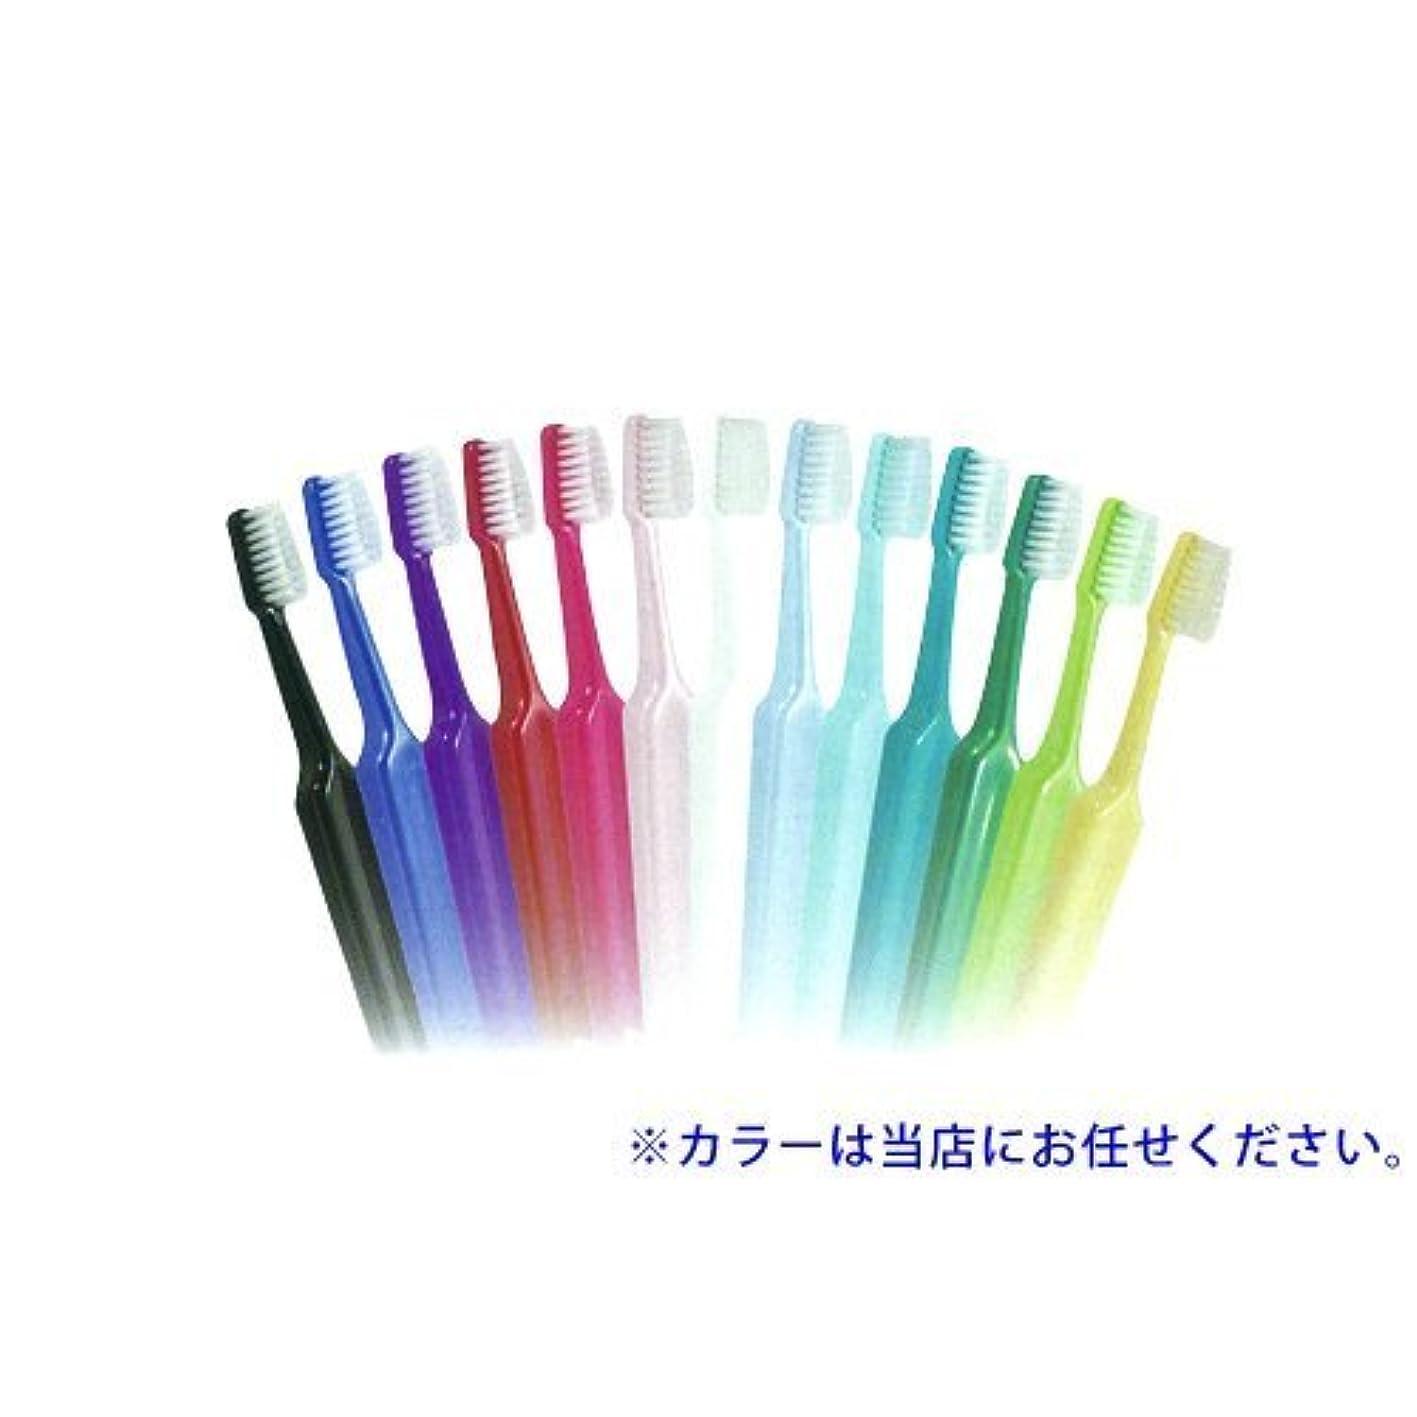 発見風が強い緊張するTepe歯ブラシ セレクトミニ/エクストラソフト 25本/箱